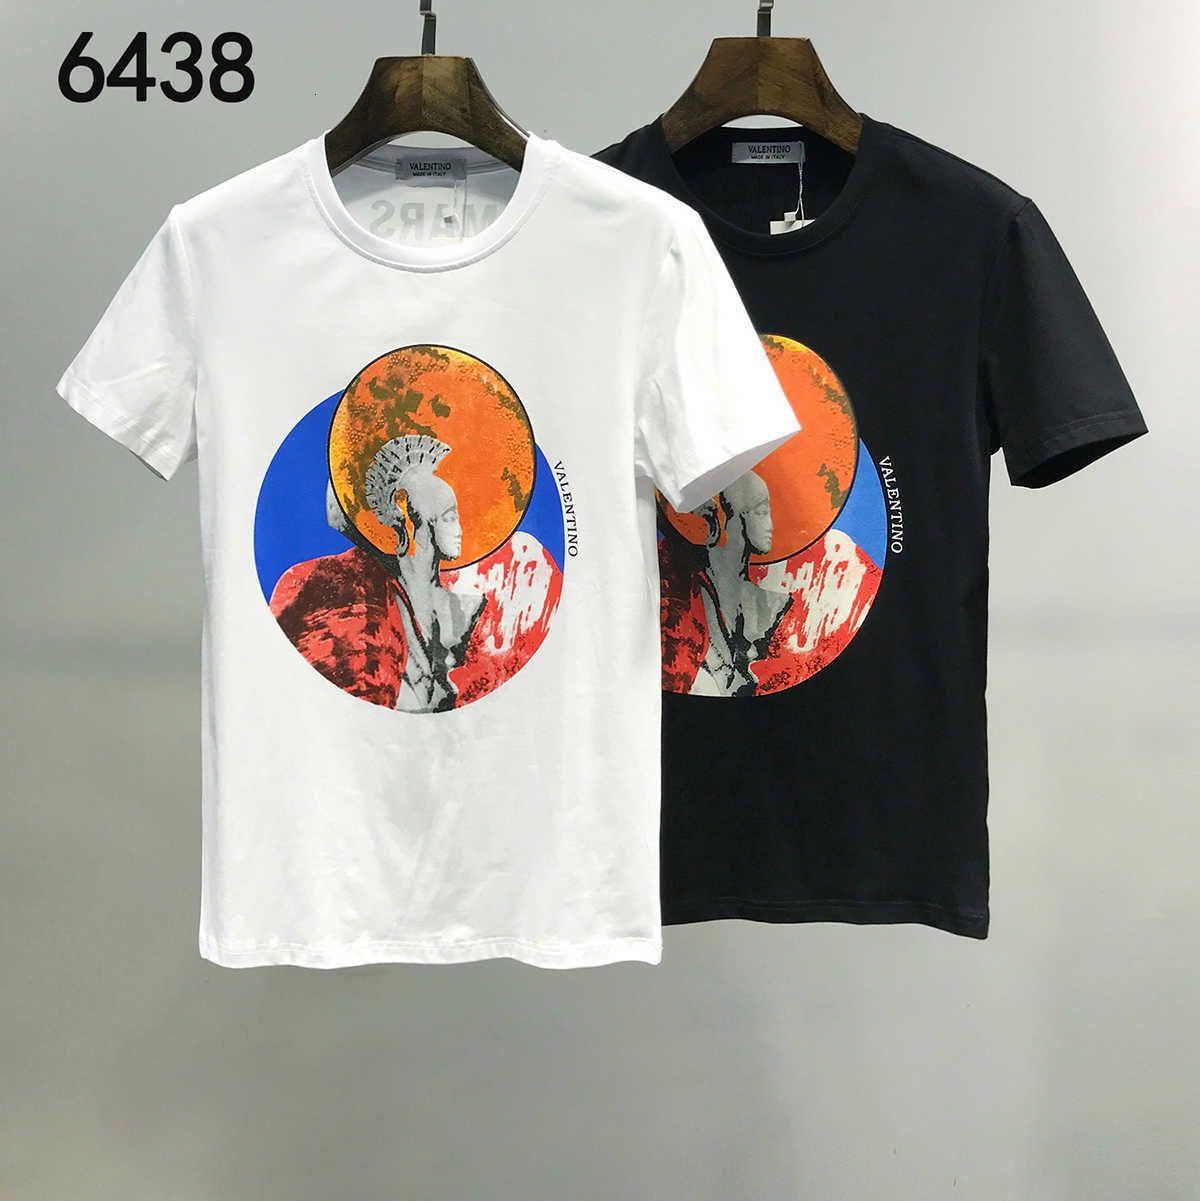 Popular New Moda e Design original de homens e mulheres T Shirt Pure Cotton manga curta em torno do pescoço Camiseta